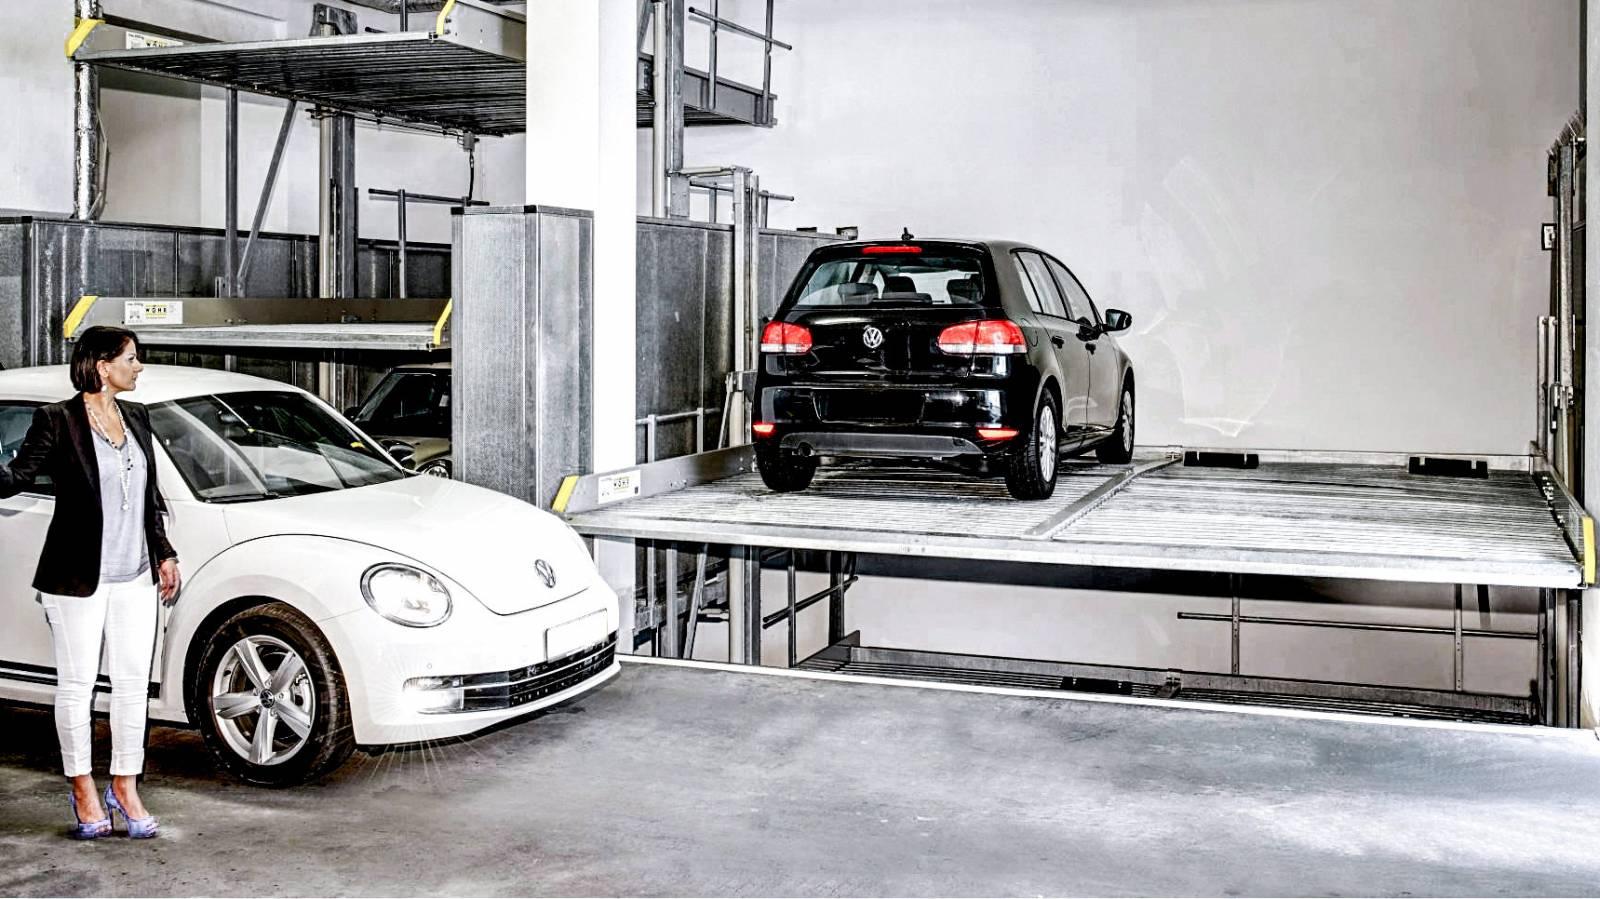 woehr-parklift403-autoparksystem-carparkingsystem-88124cec